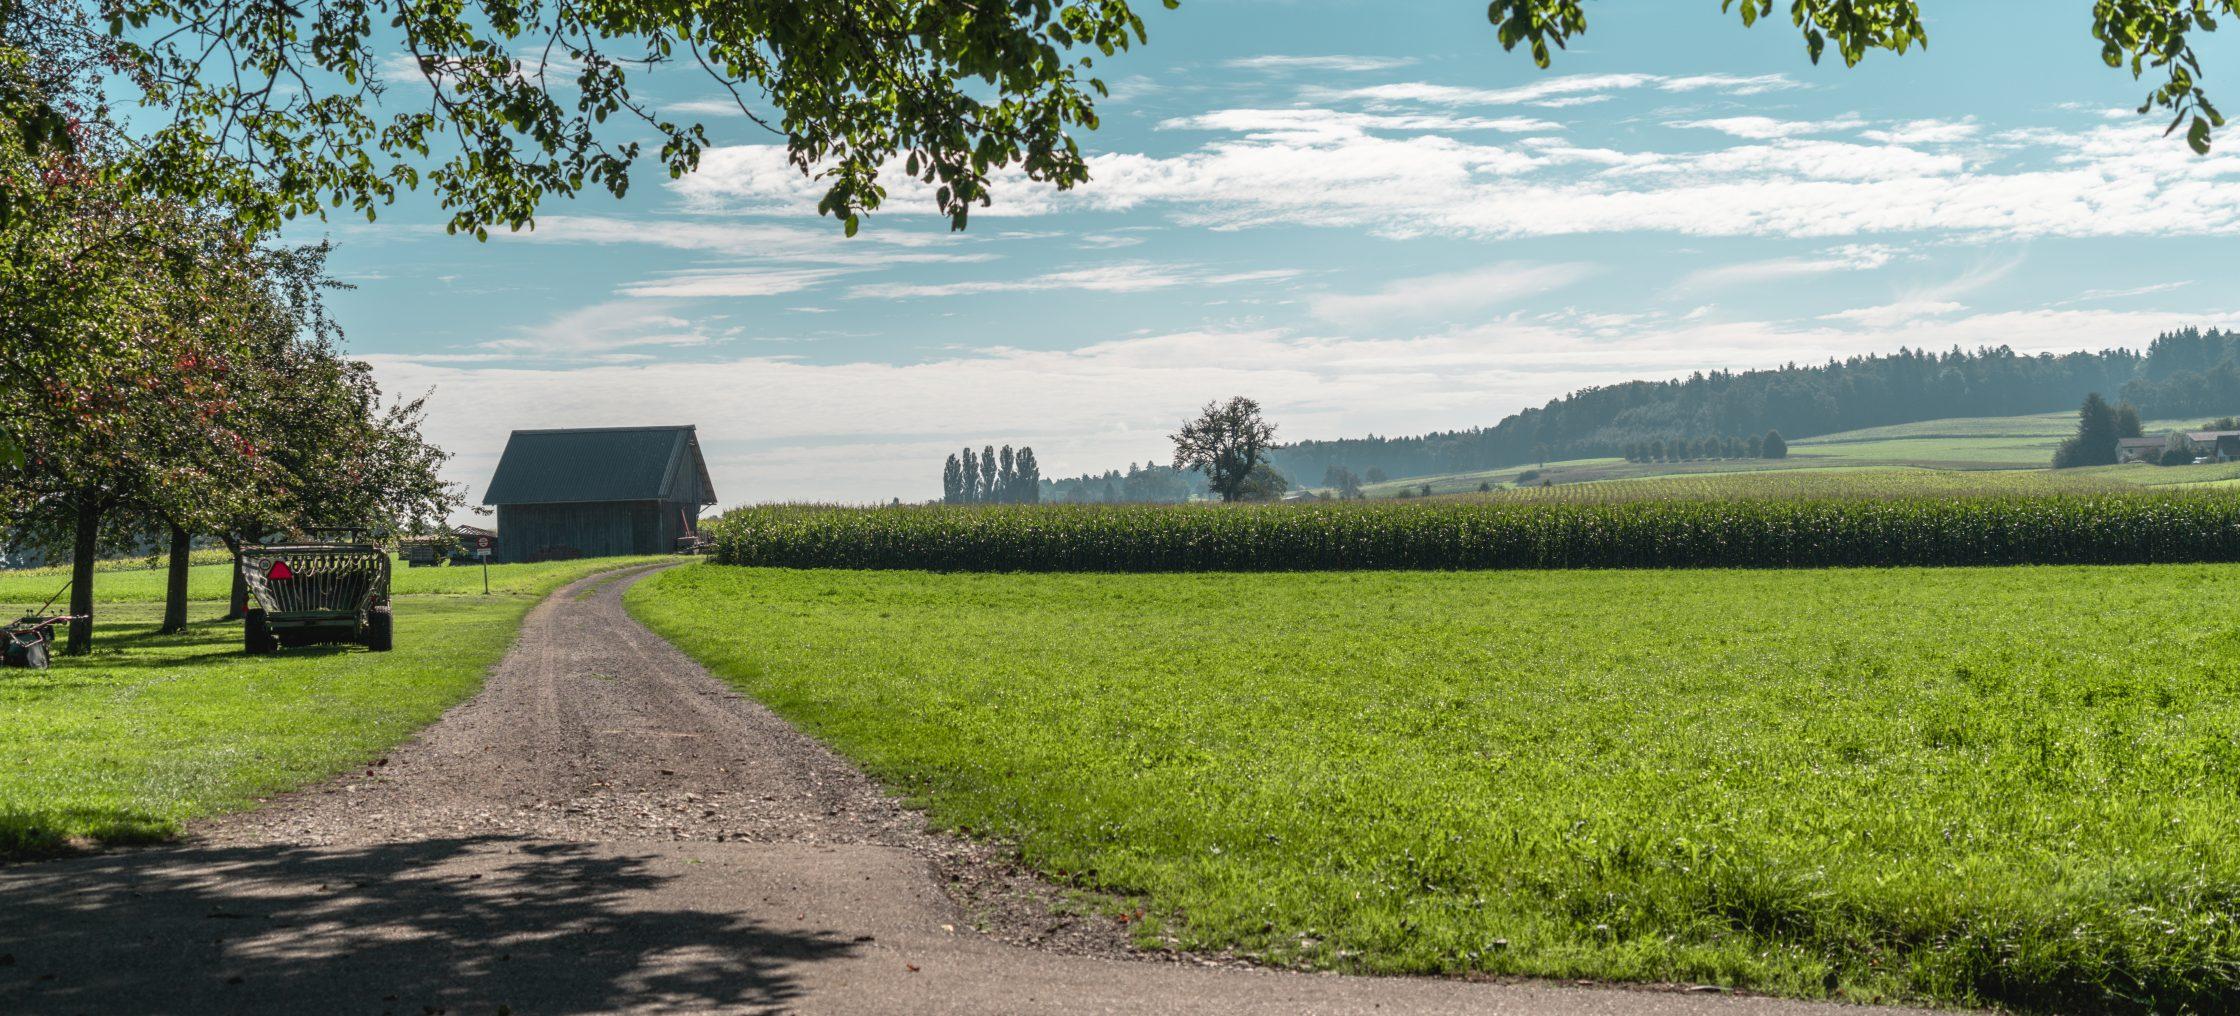 Bodensee Zelglihof Feld